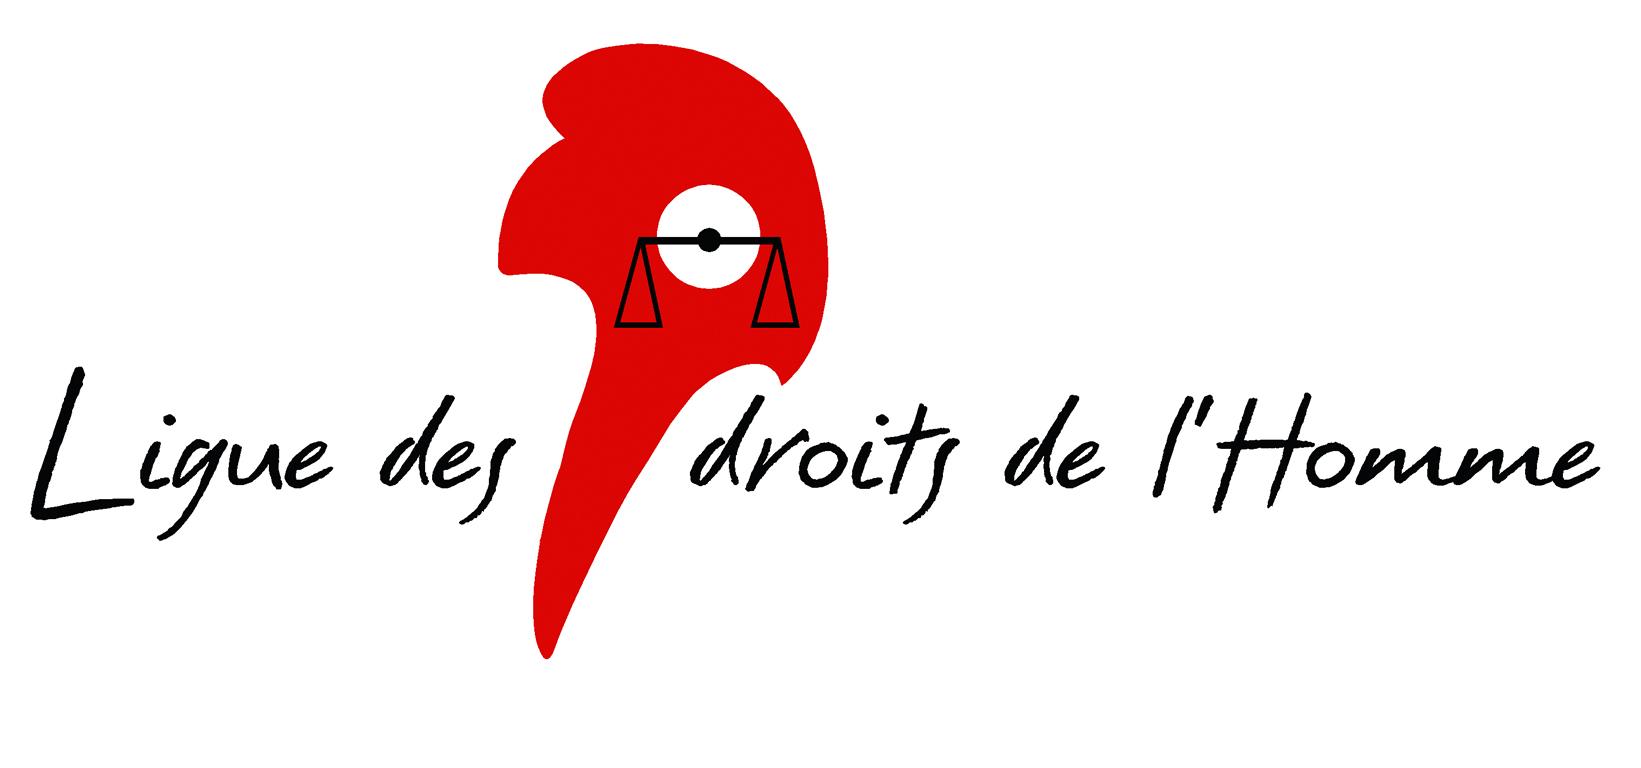 20090513_201726_logo1ligue-petit ligue des droits de l'homme ; anina ciuciu st maur en poche 2013 dans ART ET CULTURE